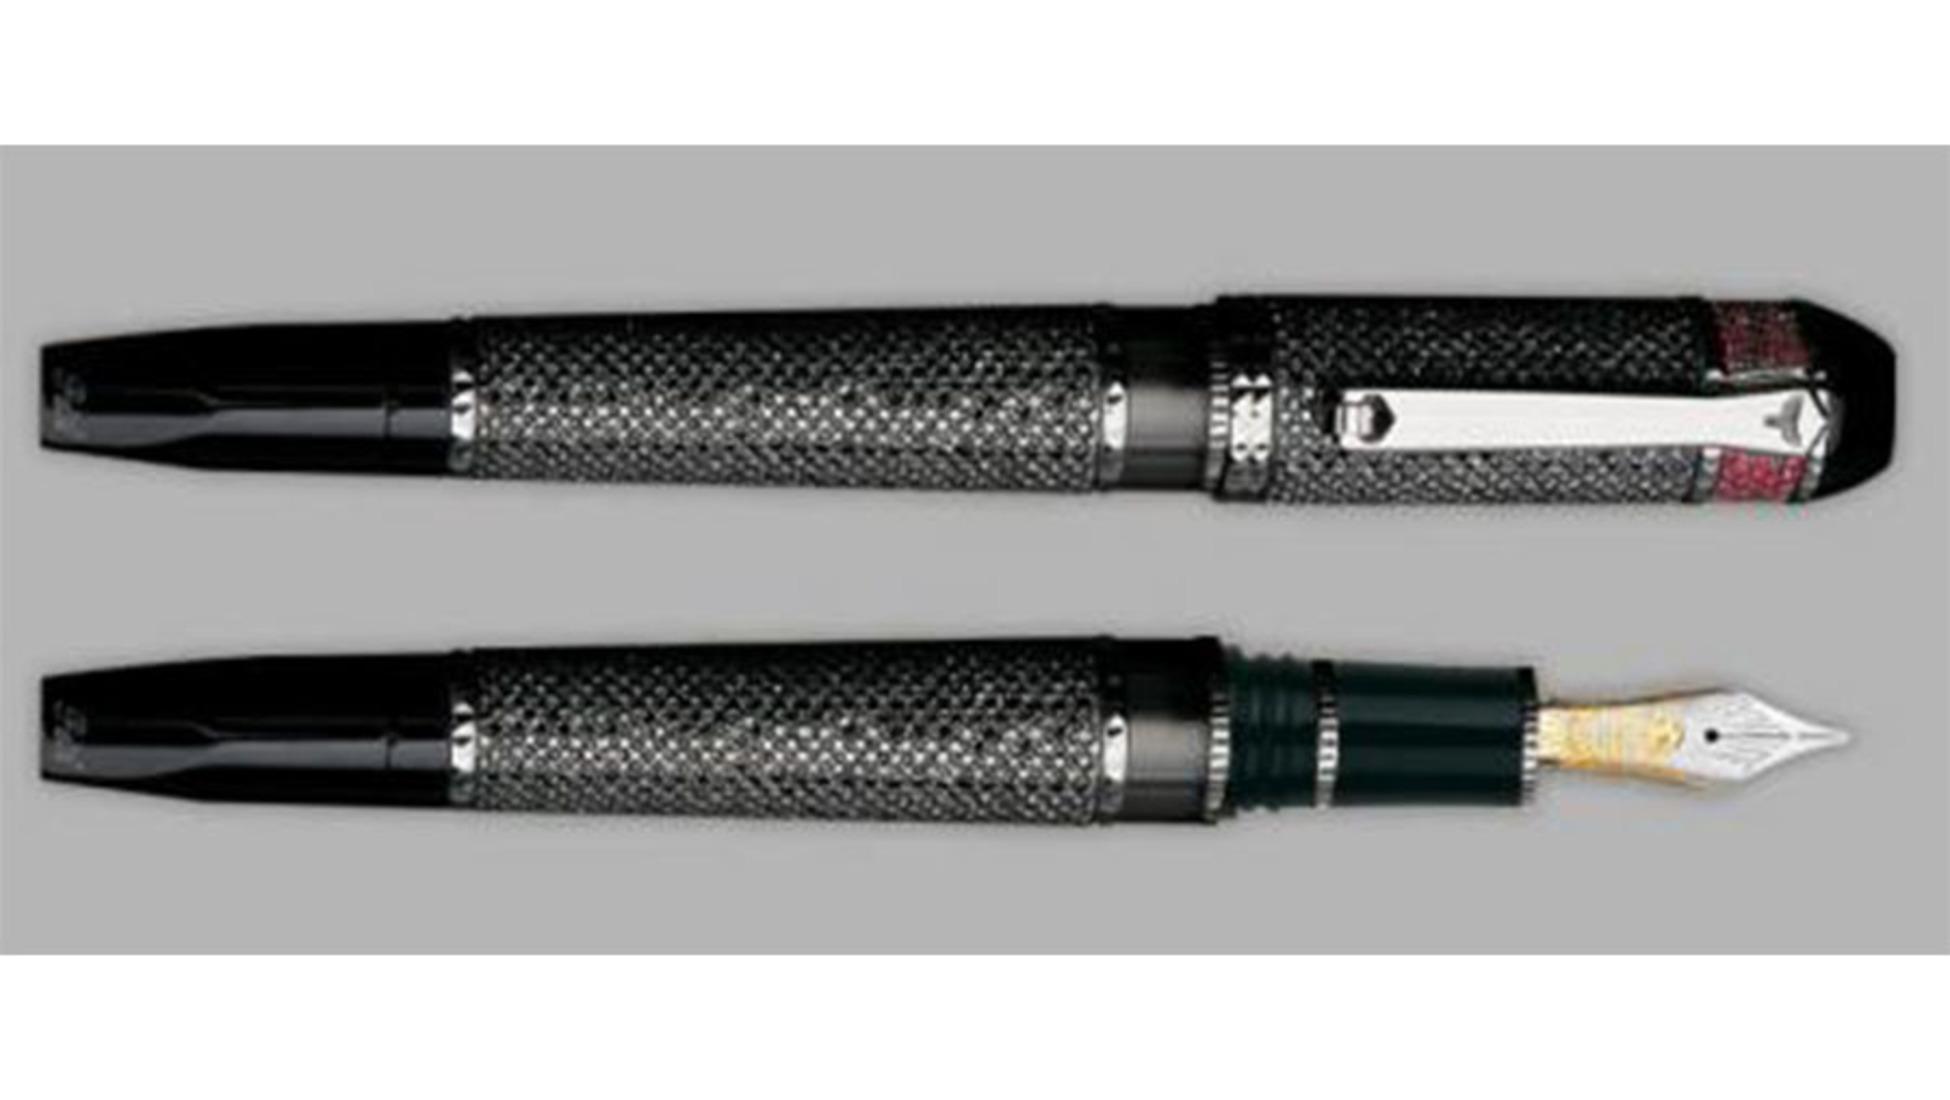 Así que aquí tienes los 10 bolígrafos y plumas que más caros se han  vendido. ¿Te han inspirado para comprarte tu propia pluma de lujo  287b847534bd